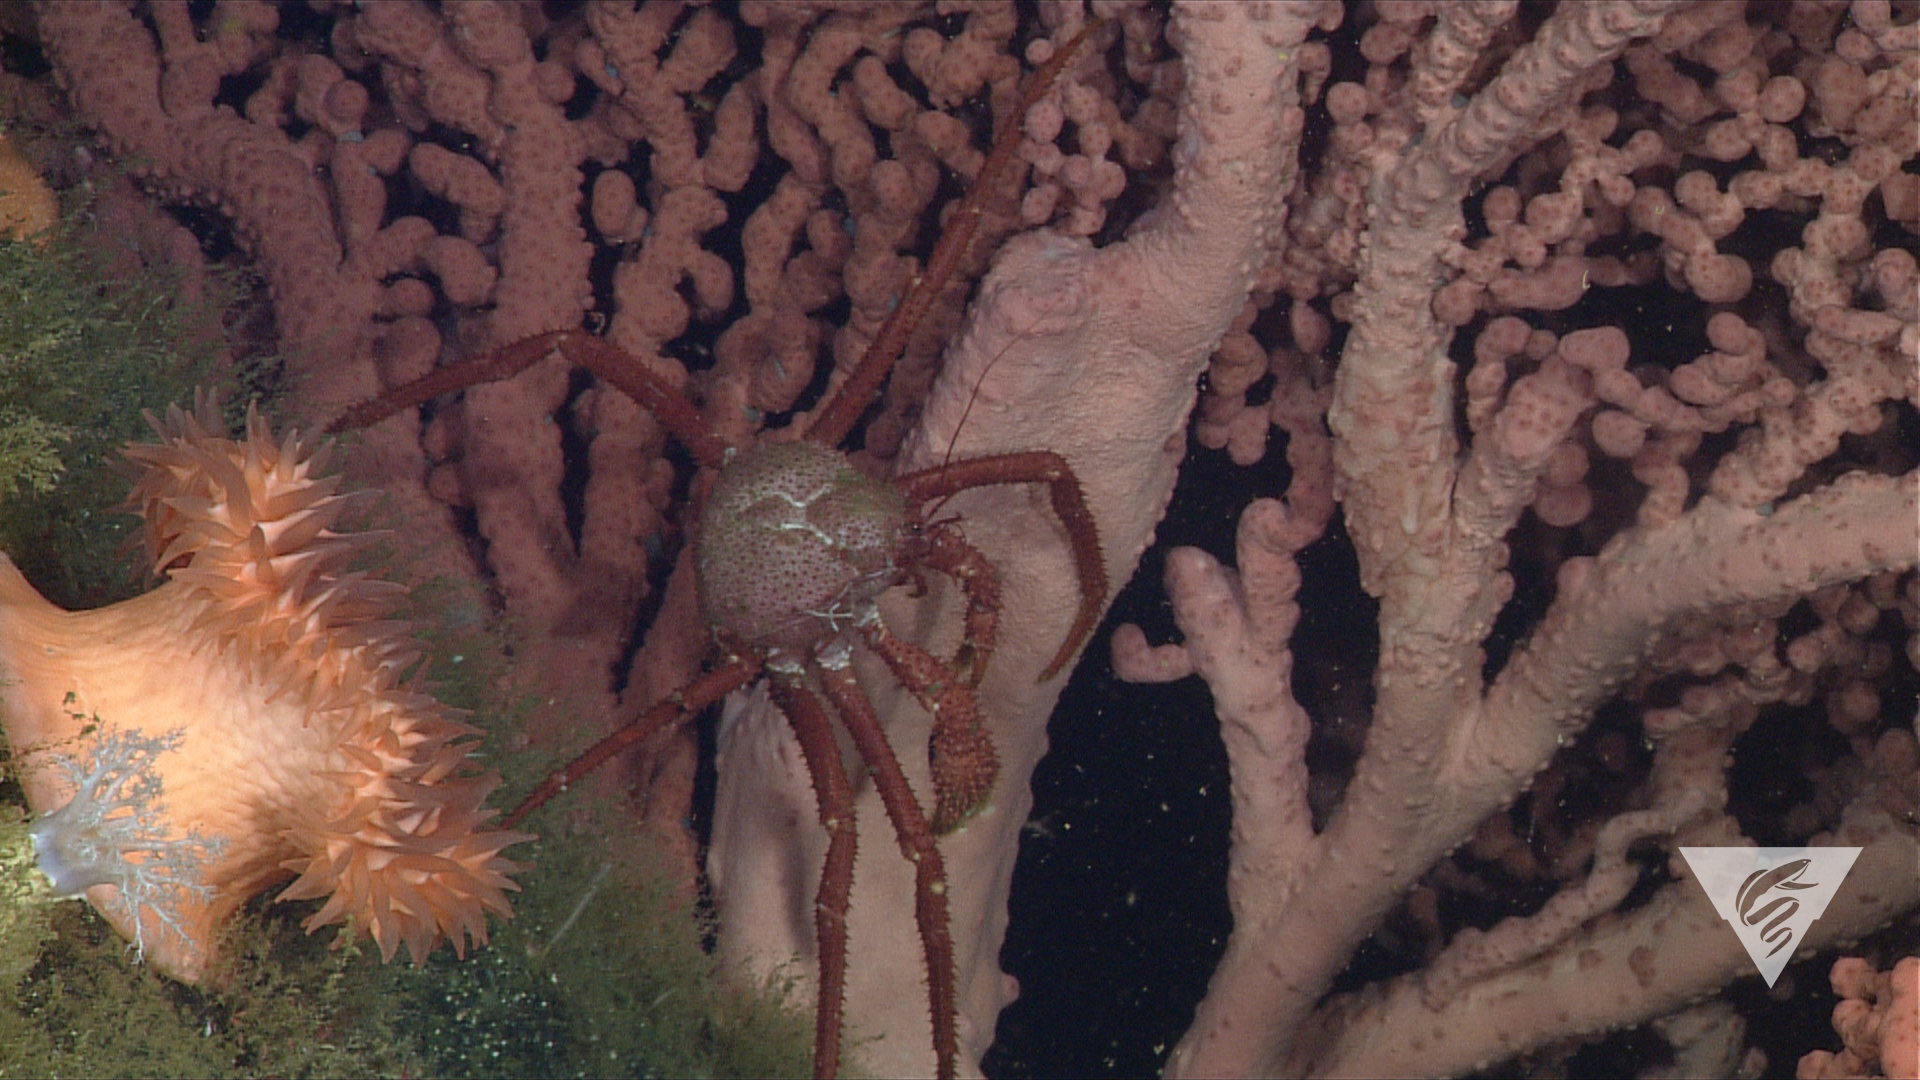 Crab (Paralomis  sp.)